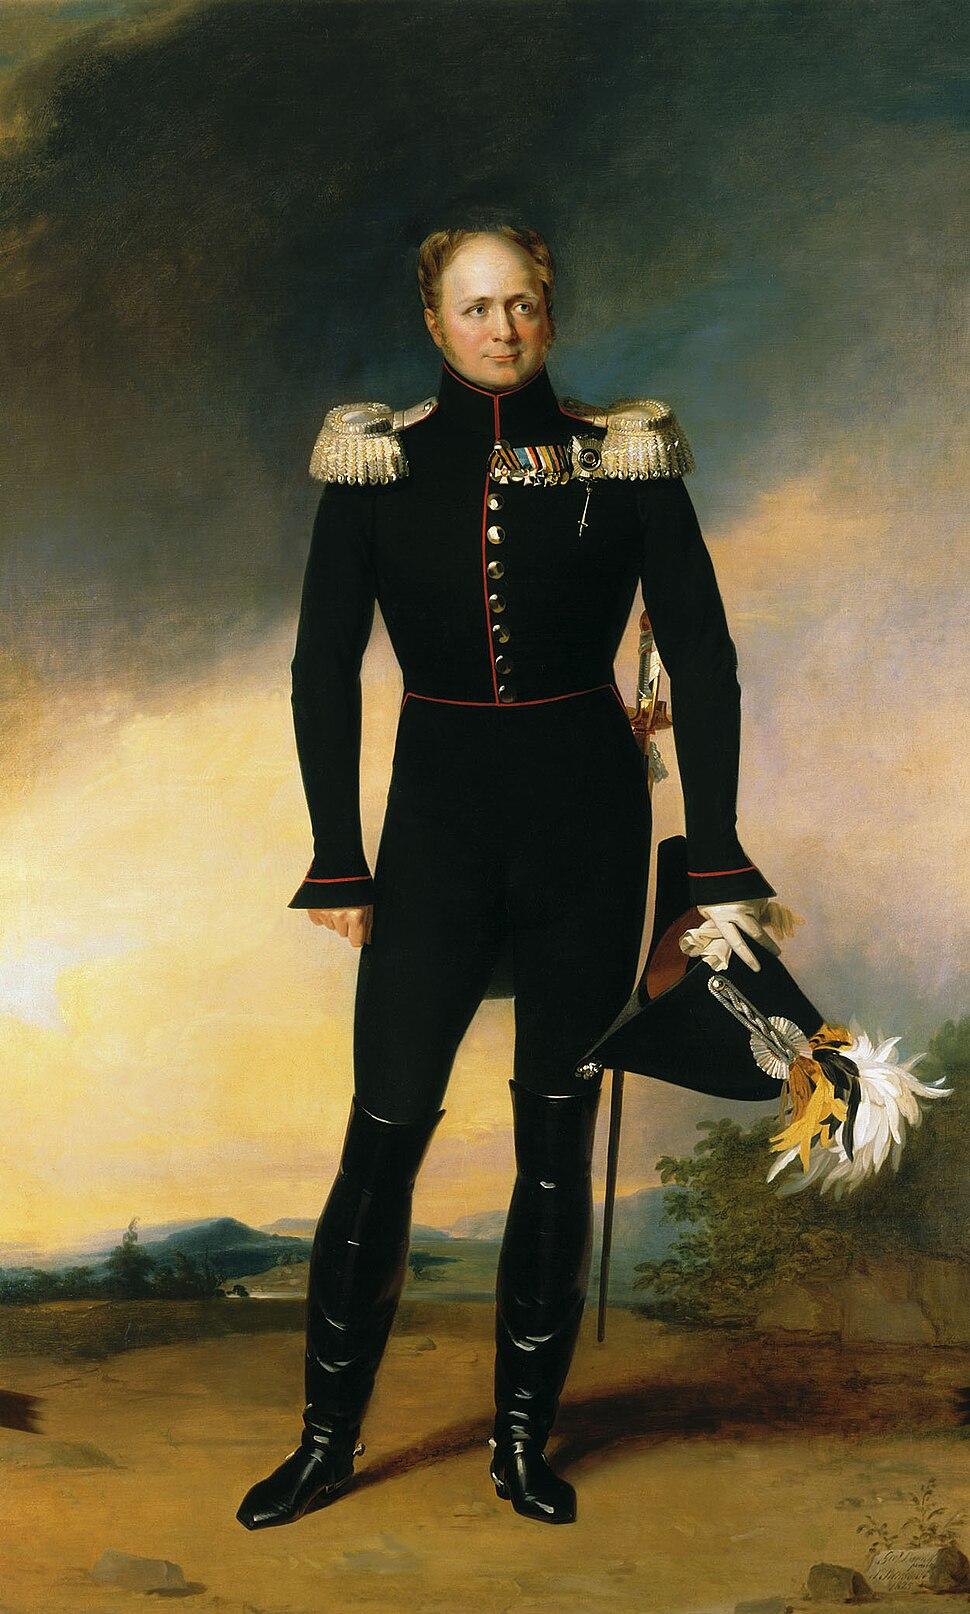 Alexander I of Russia by G.Dawe (1826, Peterhof)